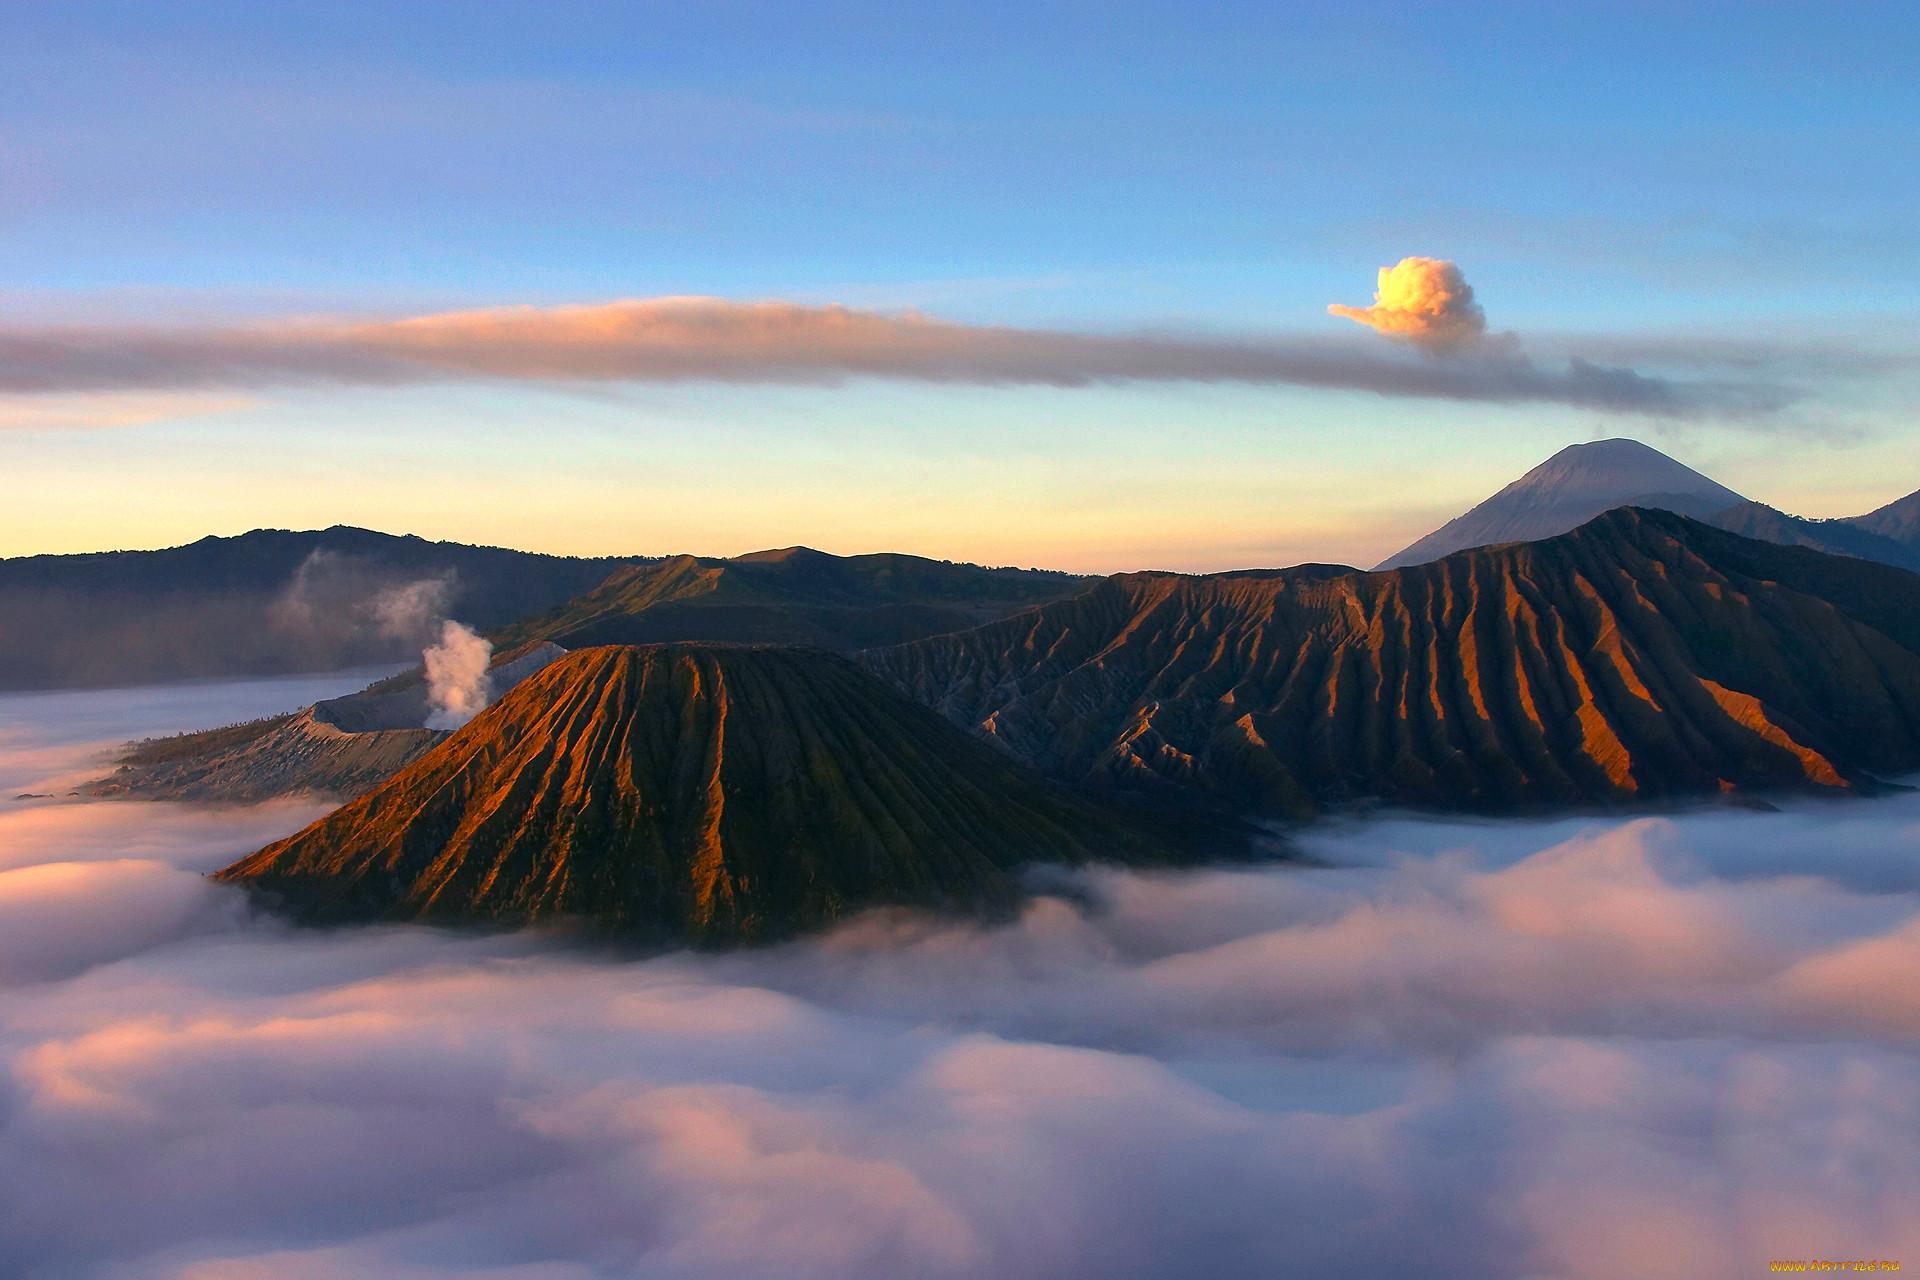 фото горы вулканы дни